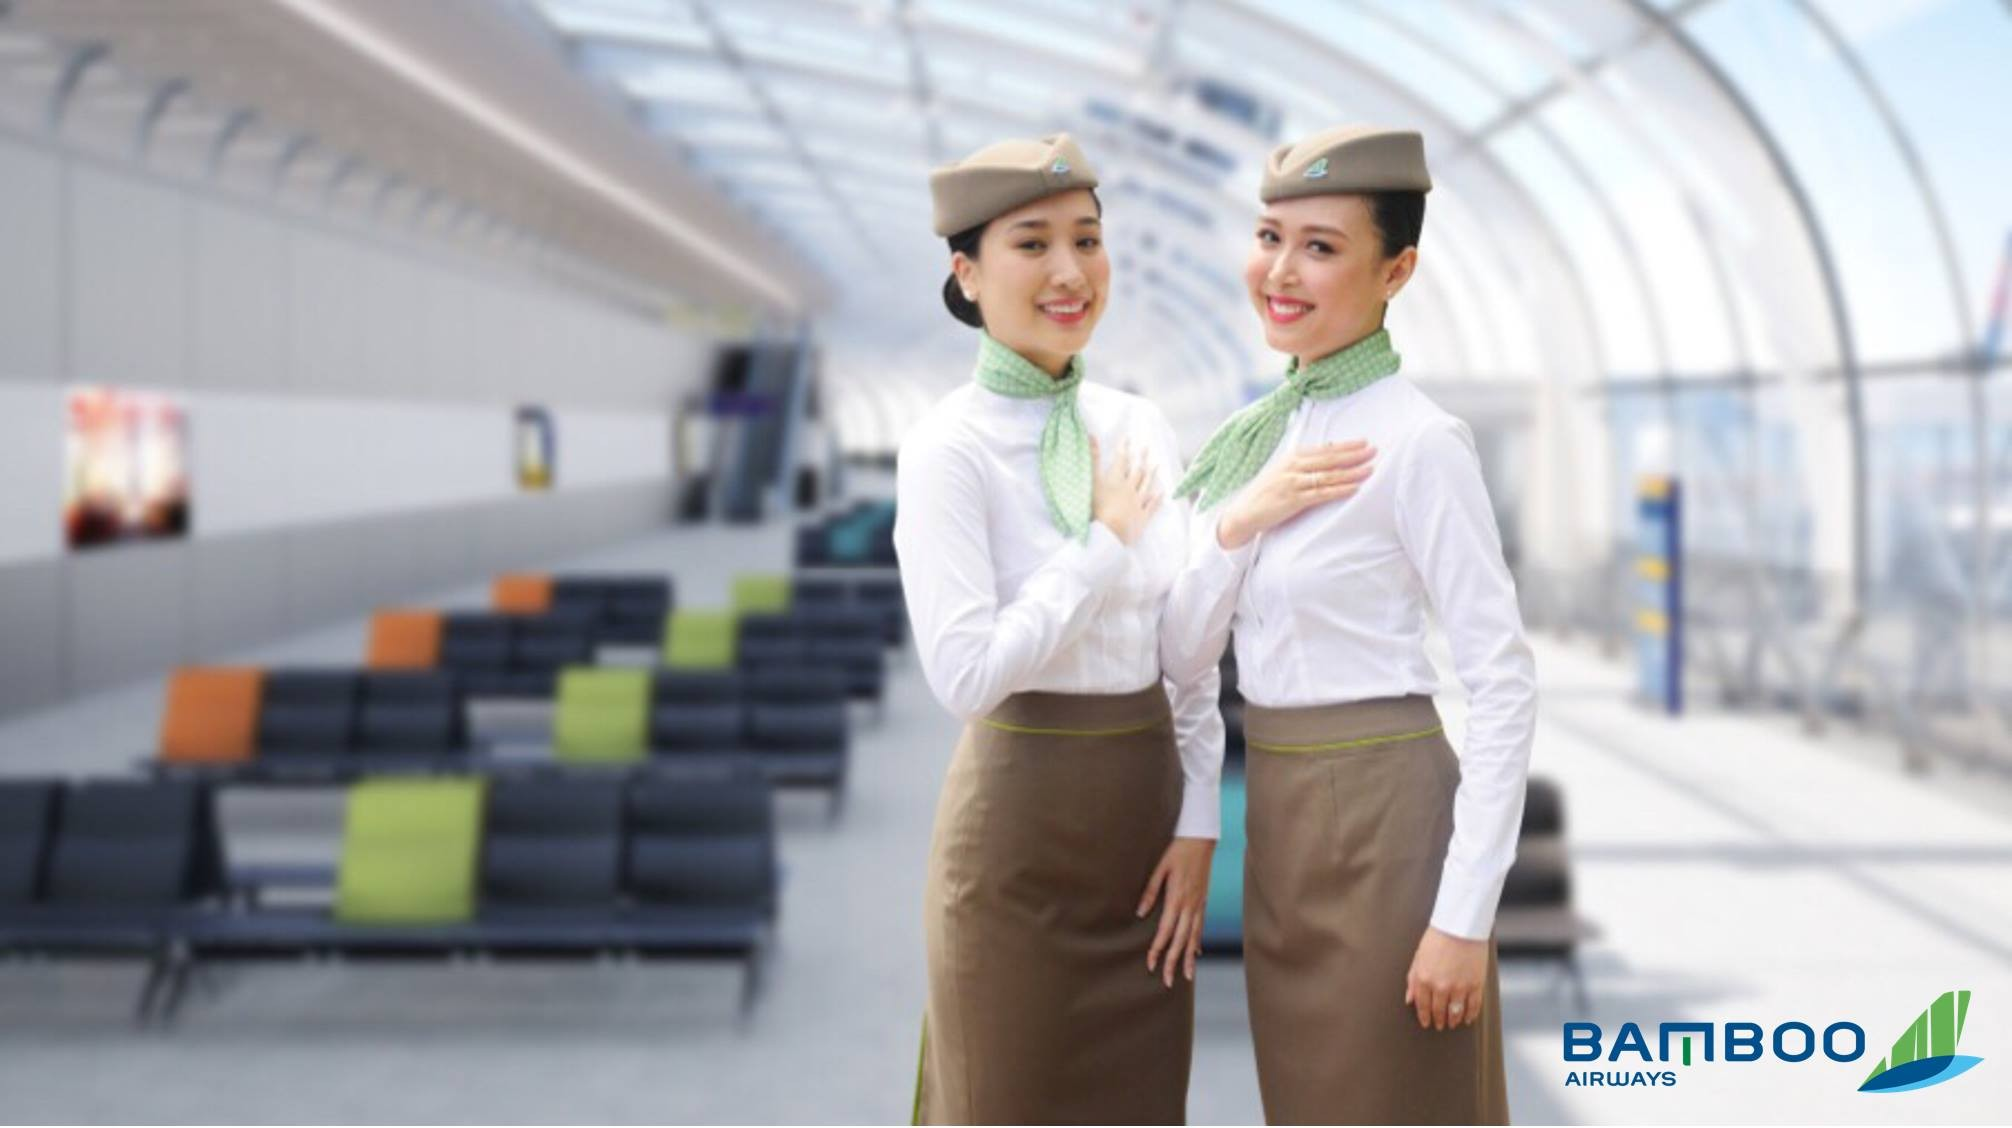 TBAMBOO AIRWAYS TUYỂN DỤNG CHUYÊN VIÊN PHÁT TRIỂN ĐỐI TÁC TẠI TP.HCM